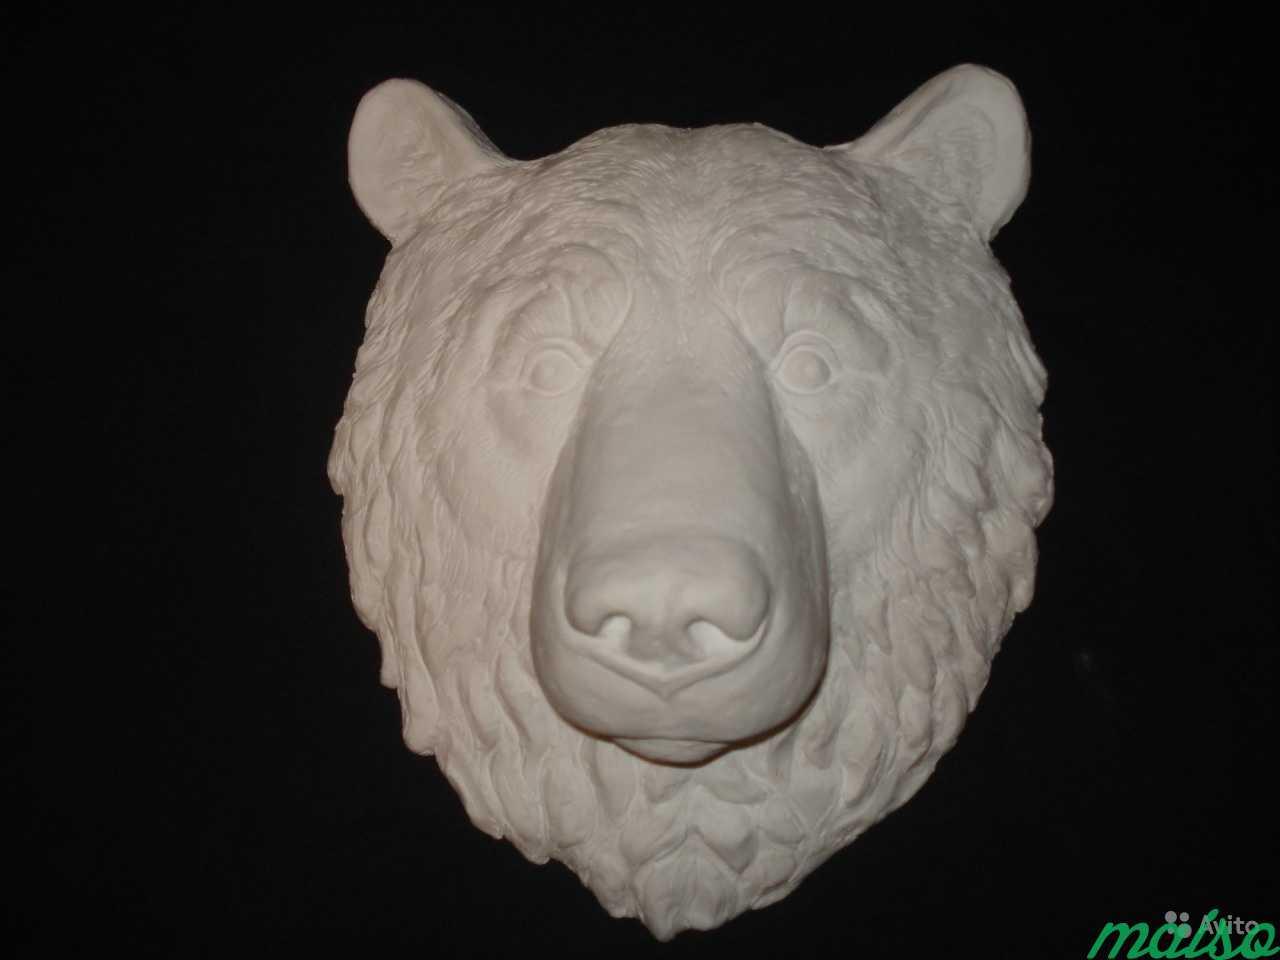 Барельеф Голова медведя в Москве. Фото 1